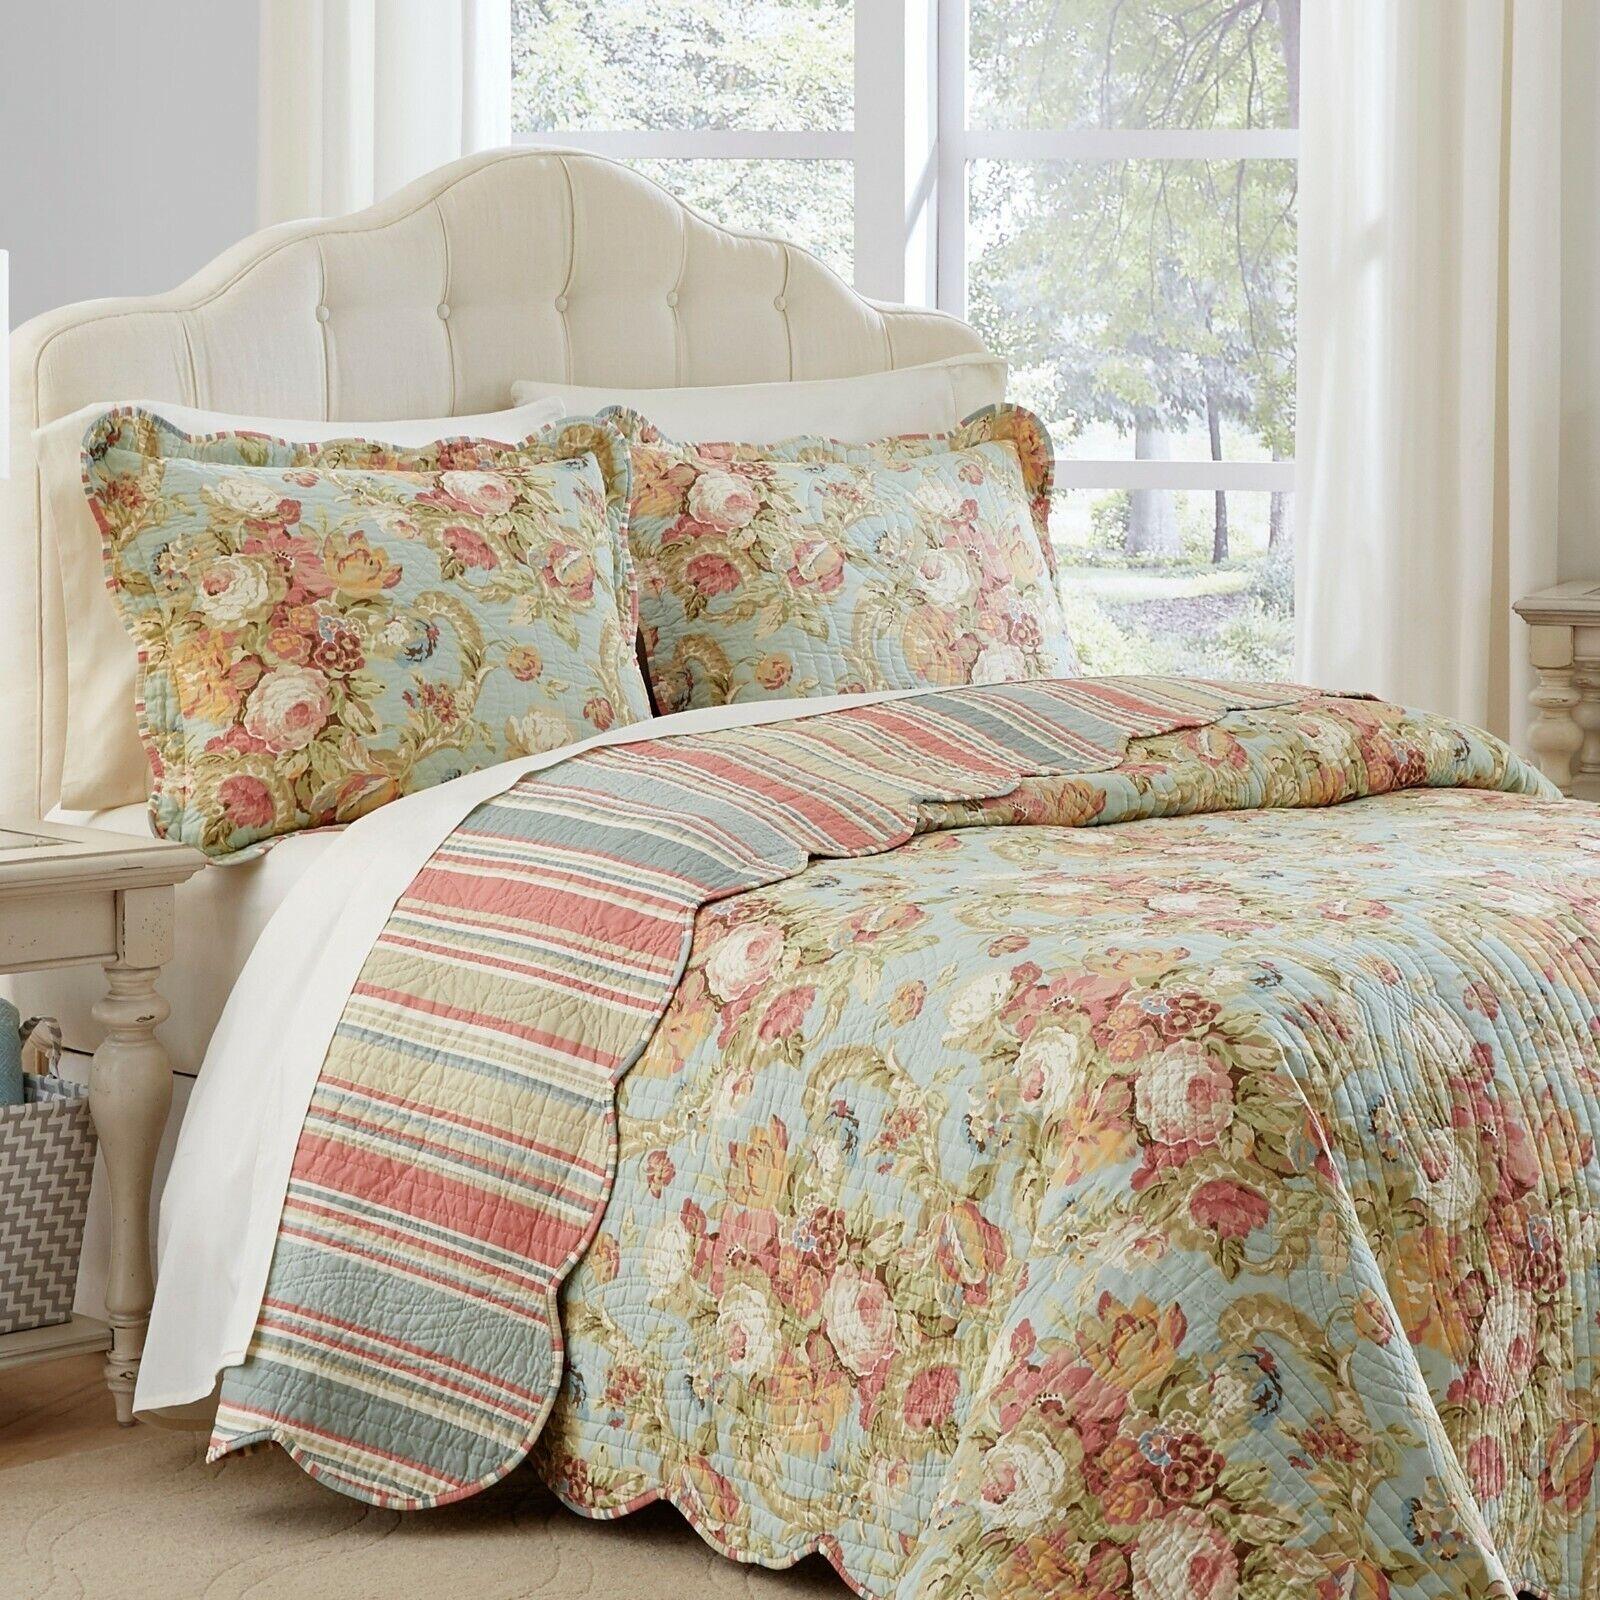 KING Size 100% Cotton Floral Reversible 3 Pc Cottage Quilt S